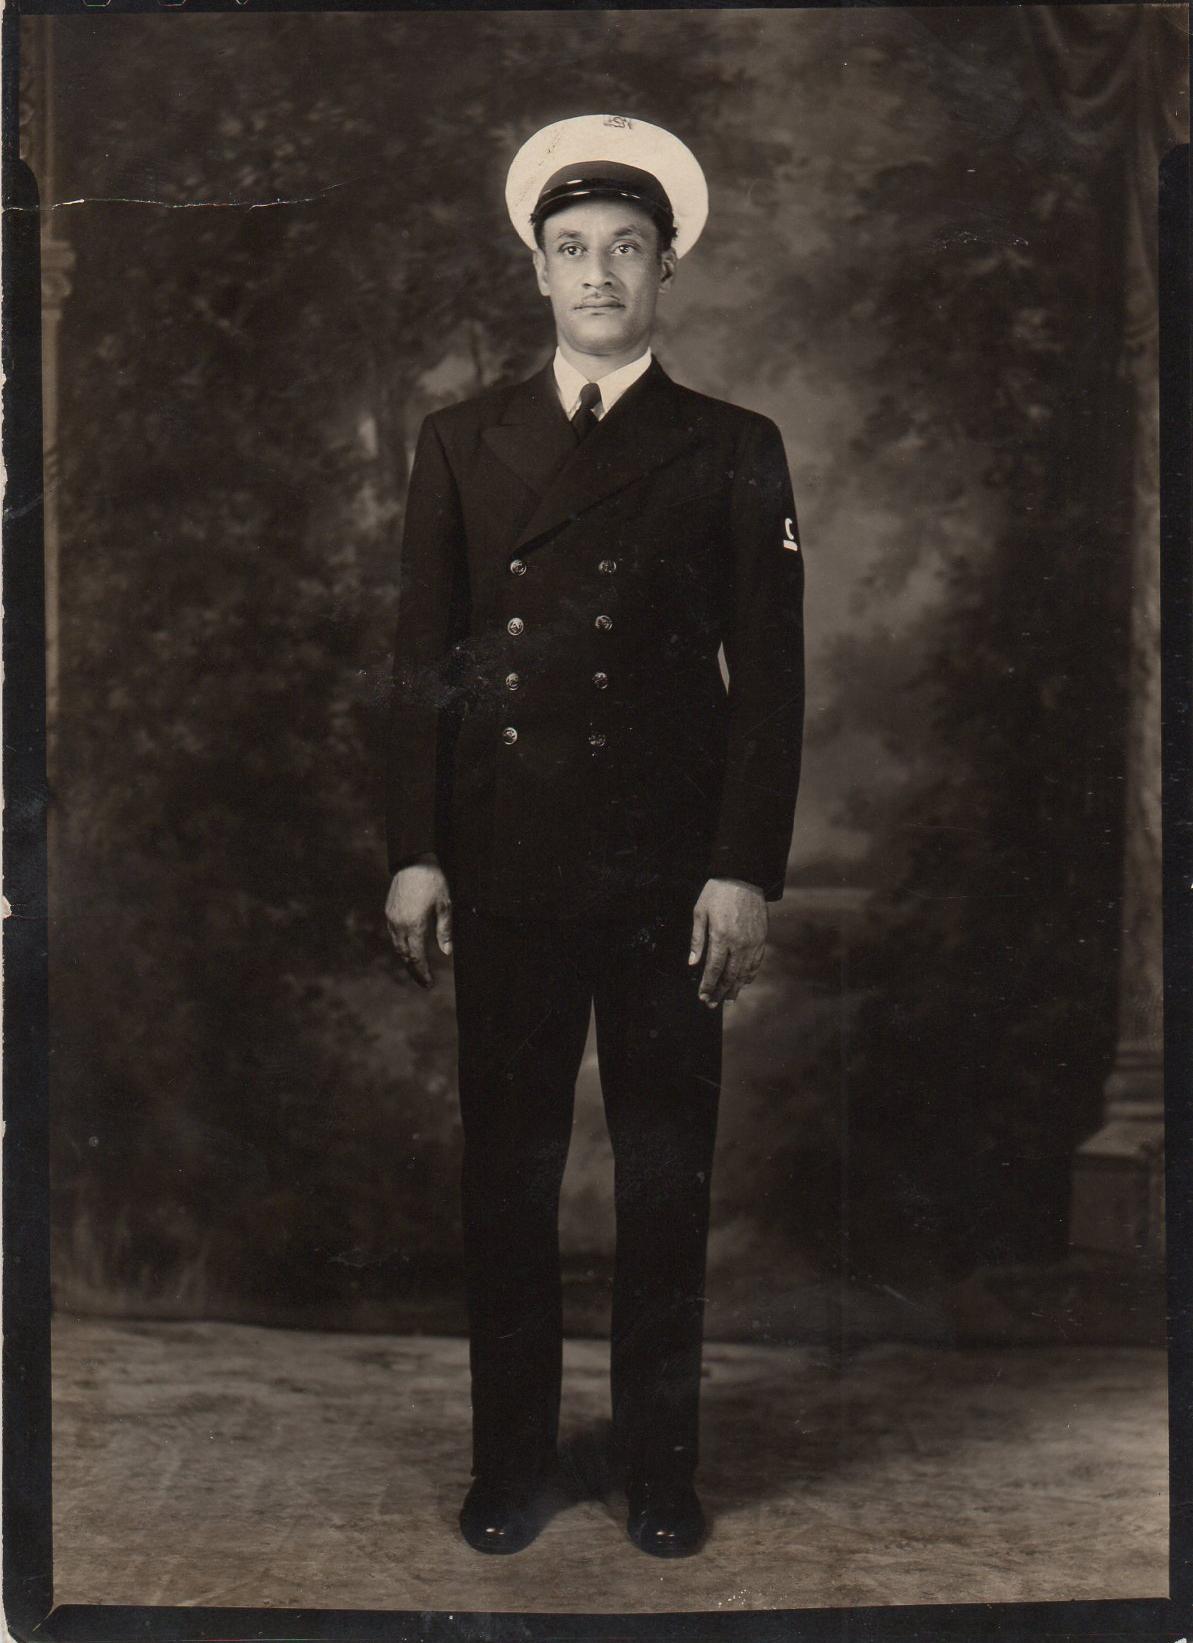 Jul 16 1943